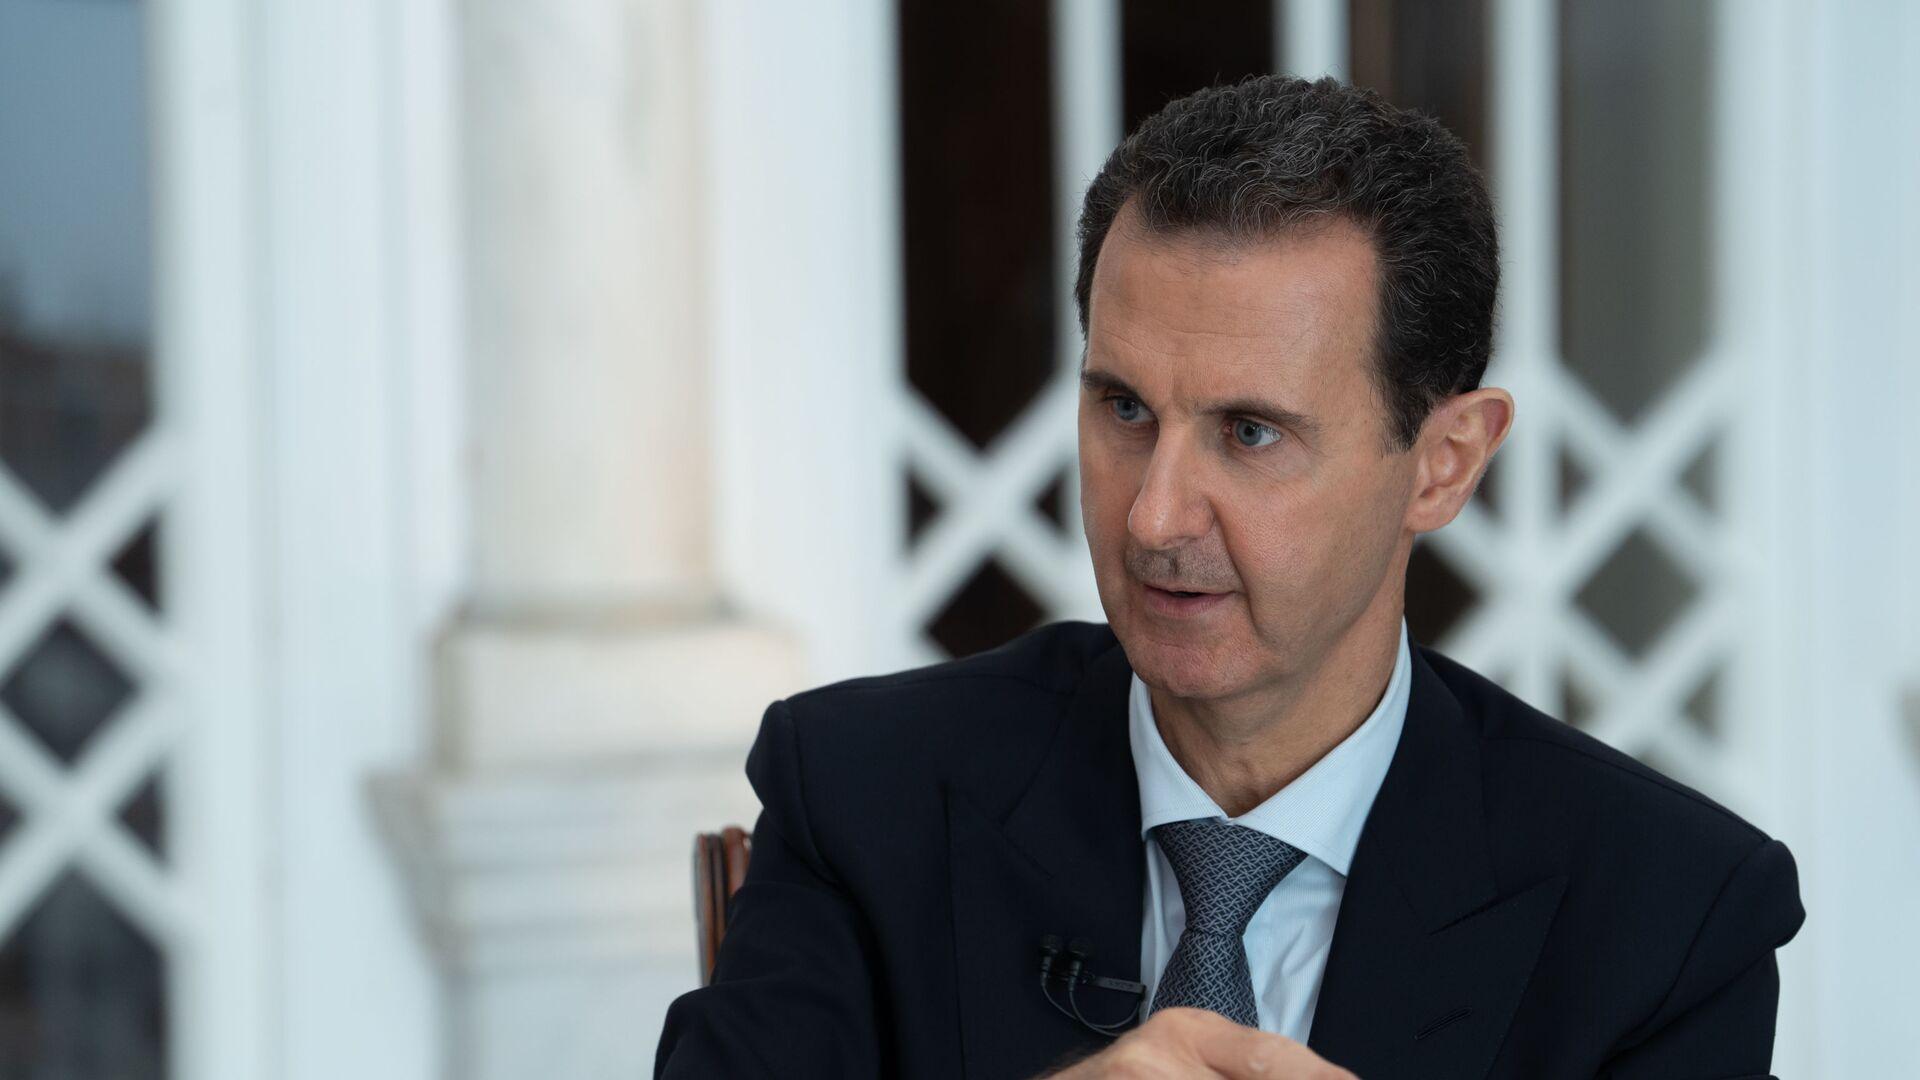 Президент Сирии Башар Асад. Архивное фото - Sputnik Тоҷикистон, 1920, 14.09.2021